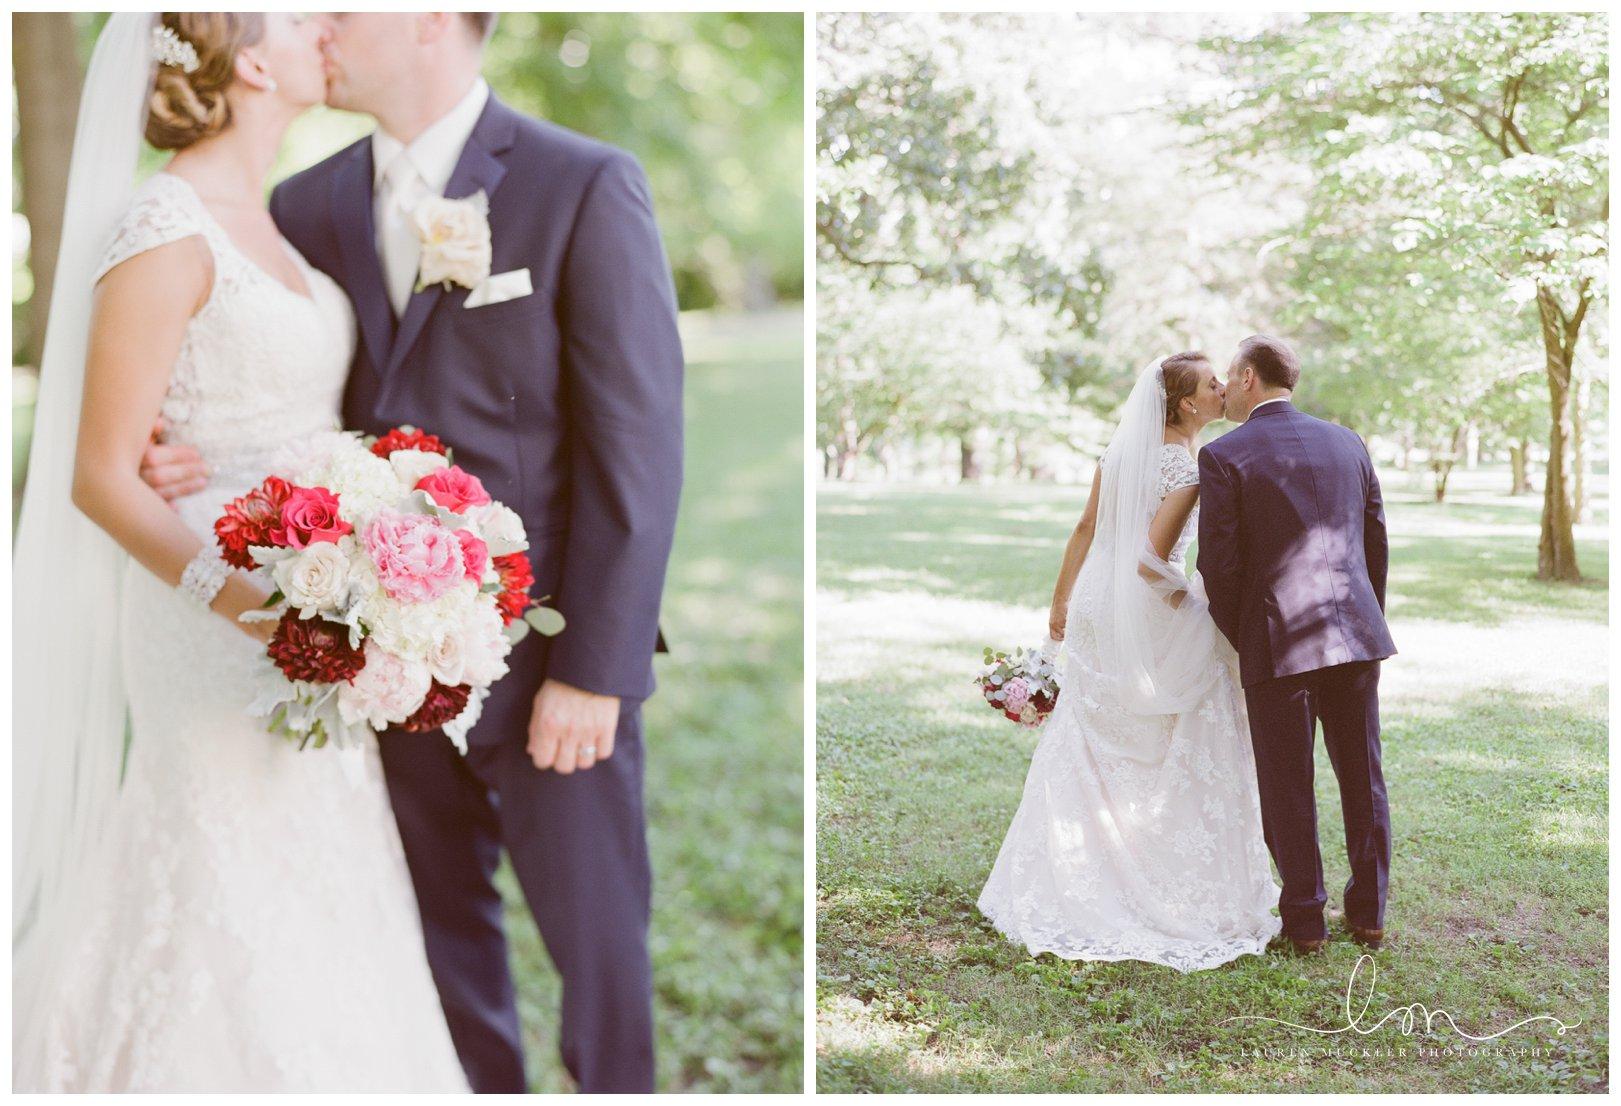 lauren muckler photography_fine art film wedding photography_st louis_photography_0492.jpg